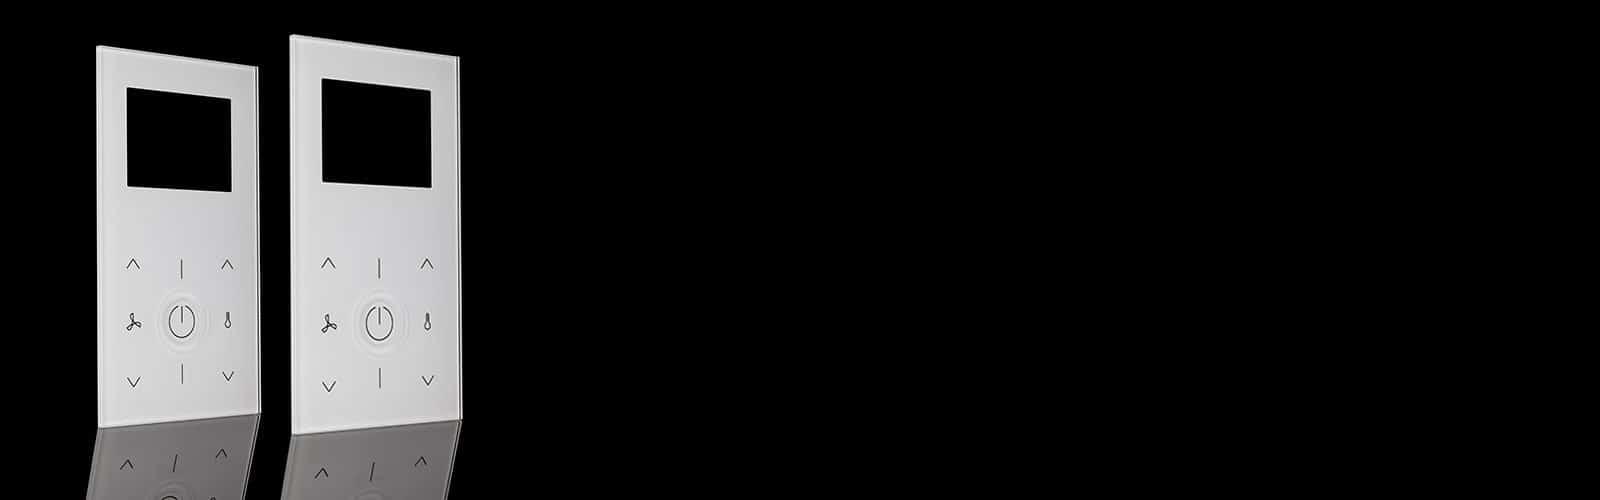 Acrylglas bedruckt von mentec®